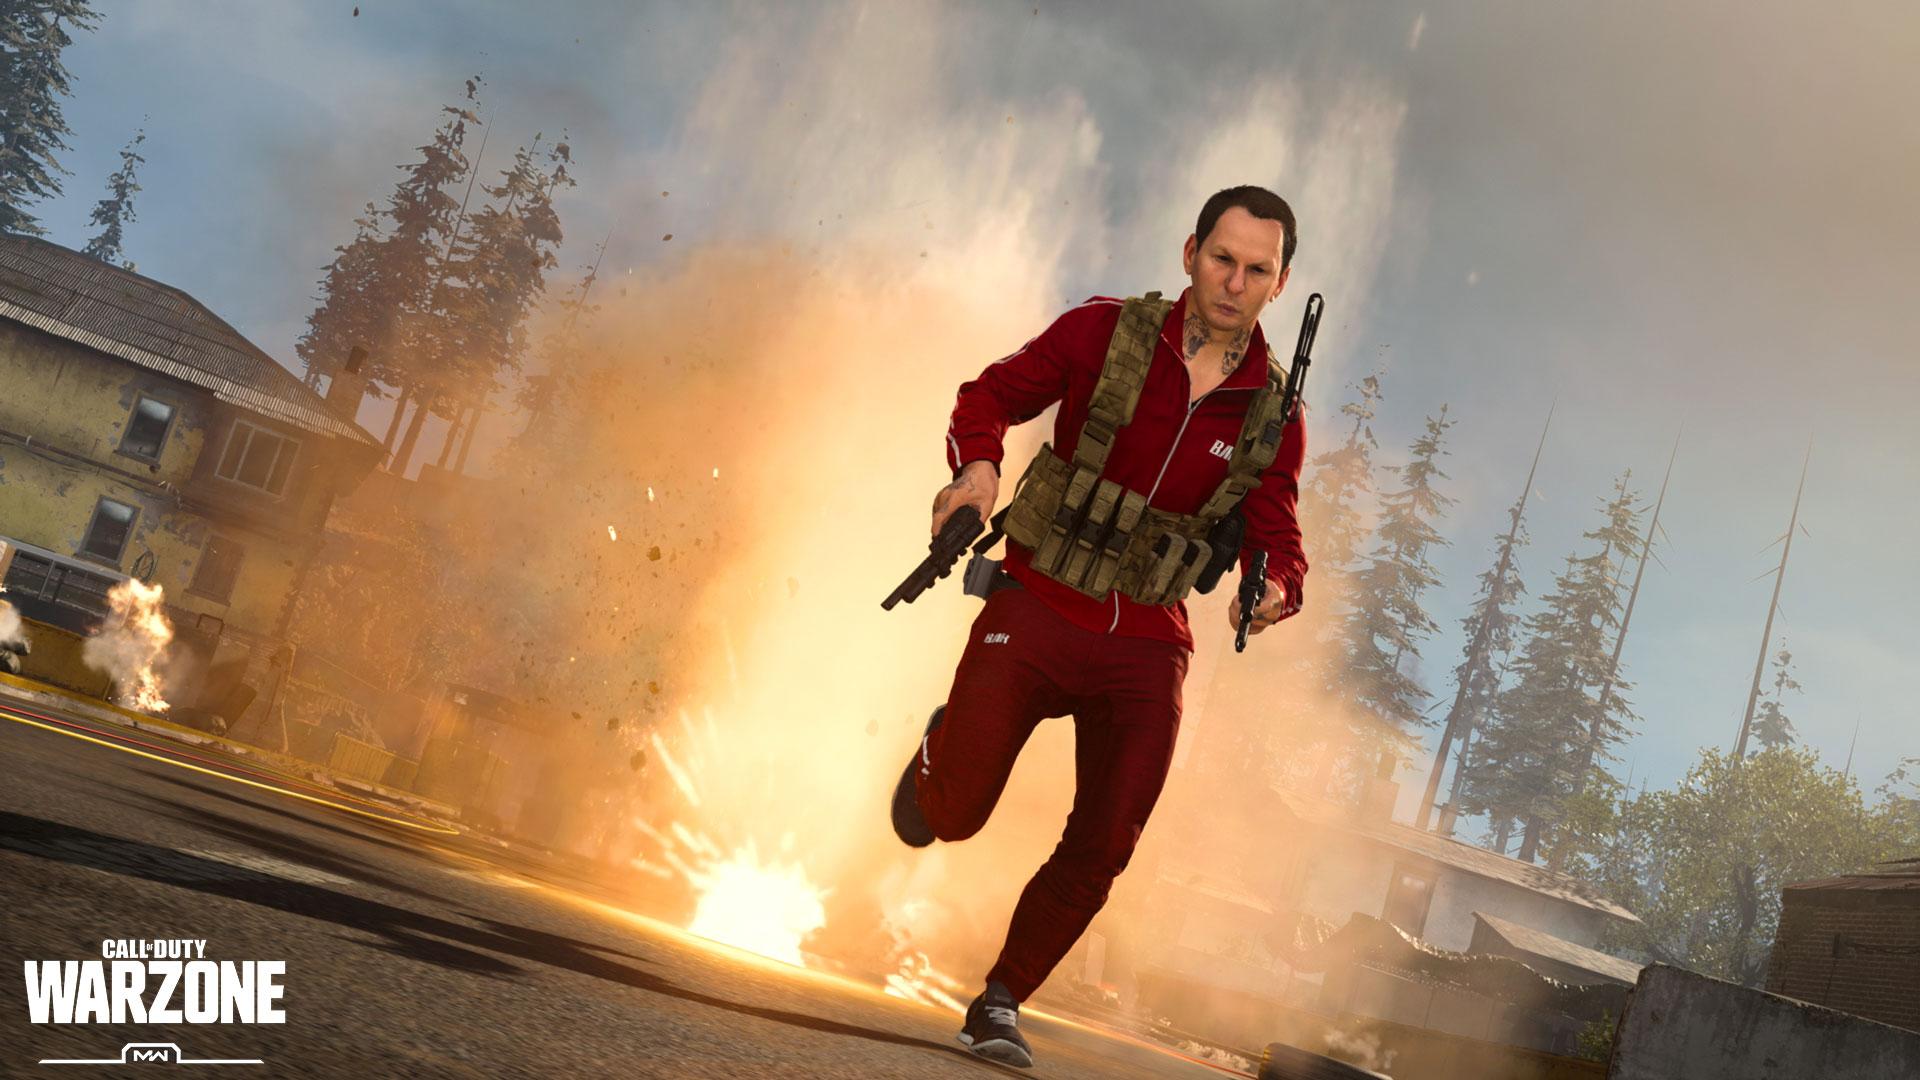 Call of Duty: Warzone parche agrega nuevo modo y armas, aumenta el precio de las caídas de carga 81